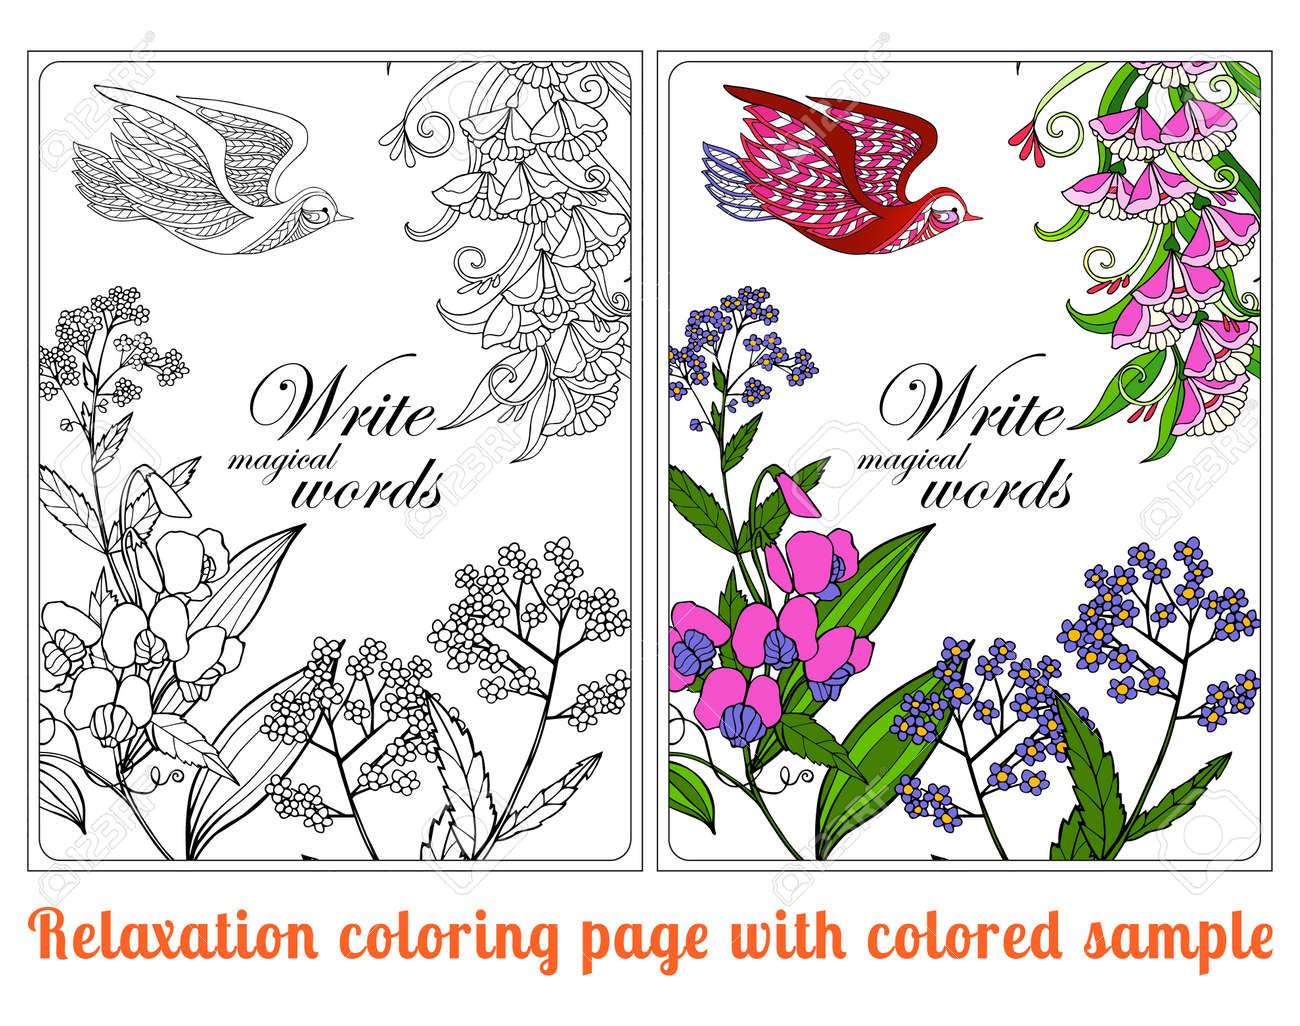 Kleurplaten Voor Volwassenen Met Tekst.Decoratieve Bloemen En Vogels Kleurboek Voor Volwassenen En Oudere